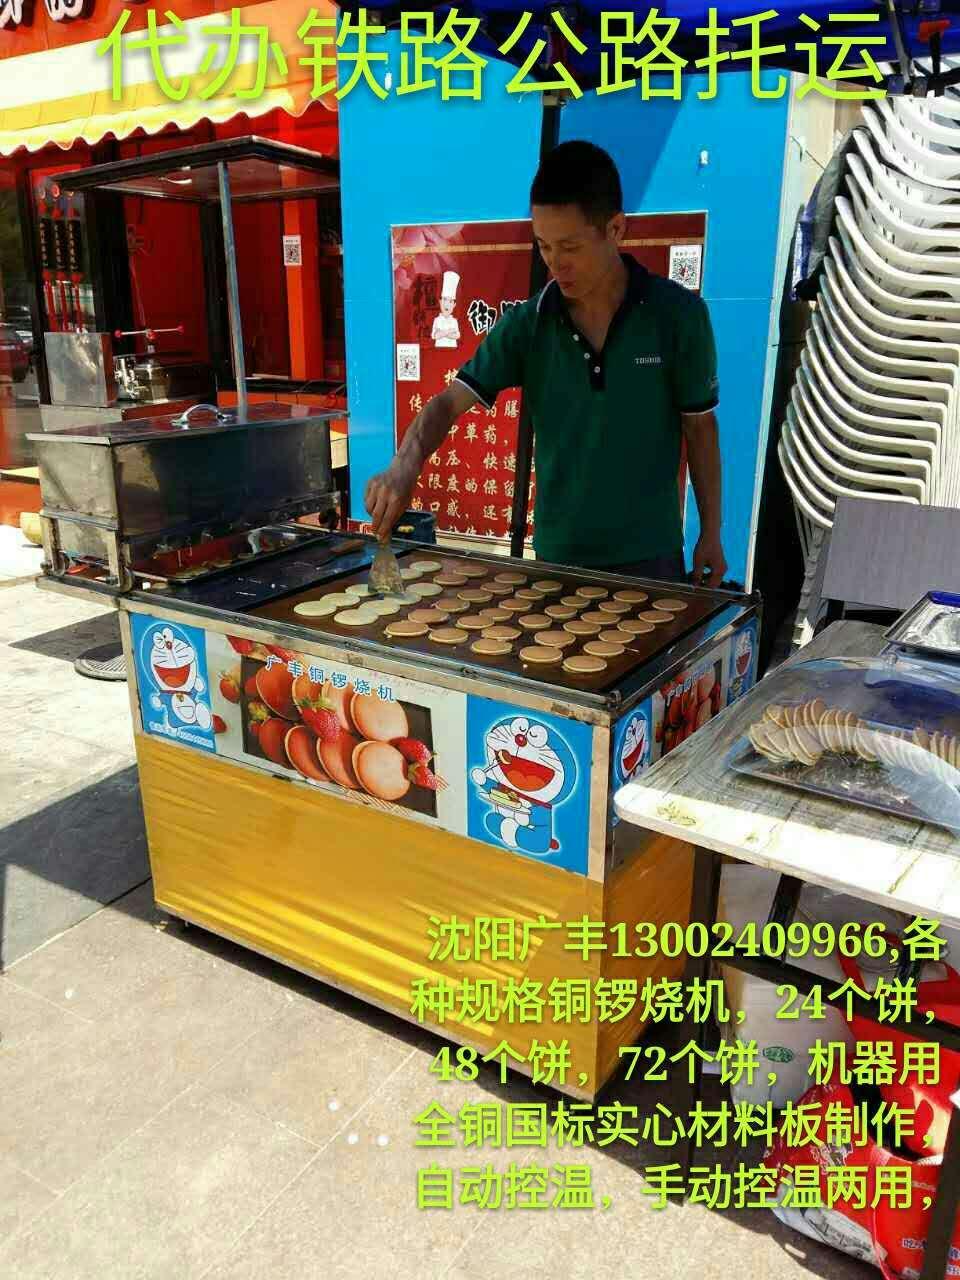 沈阳广丰铜锣烧机13002409966 各种规格铜锣烧机,24个饼,48个饼,72个饼,机器用全铜国标实心材料板制作,自动控温,手动控温两用